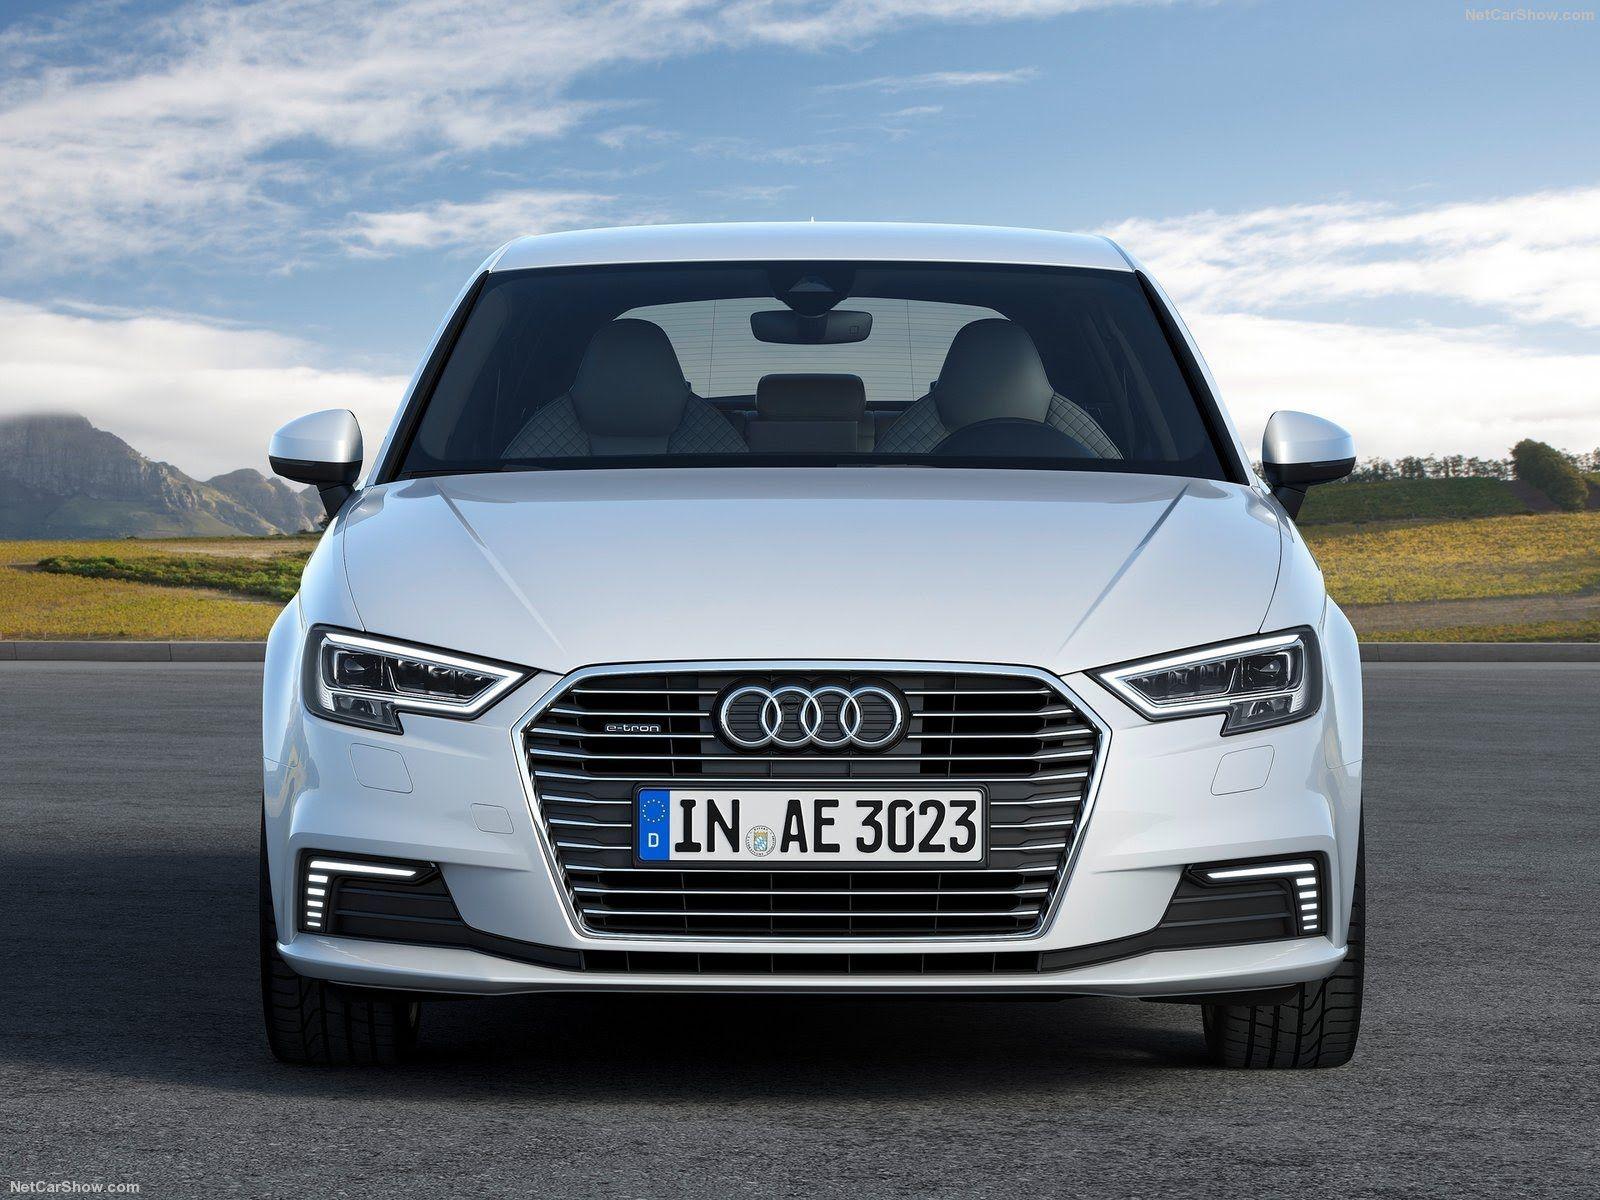 2017 Audi A3 Sportback E Tron Review